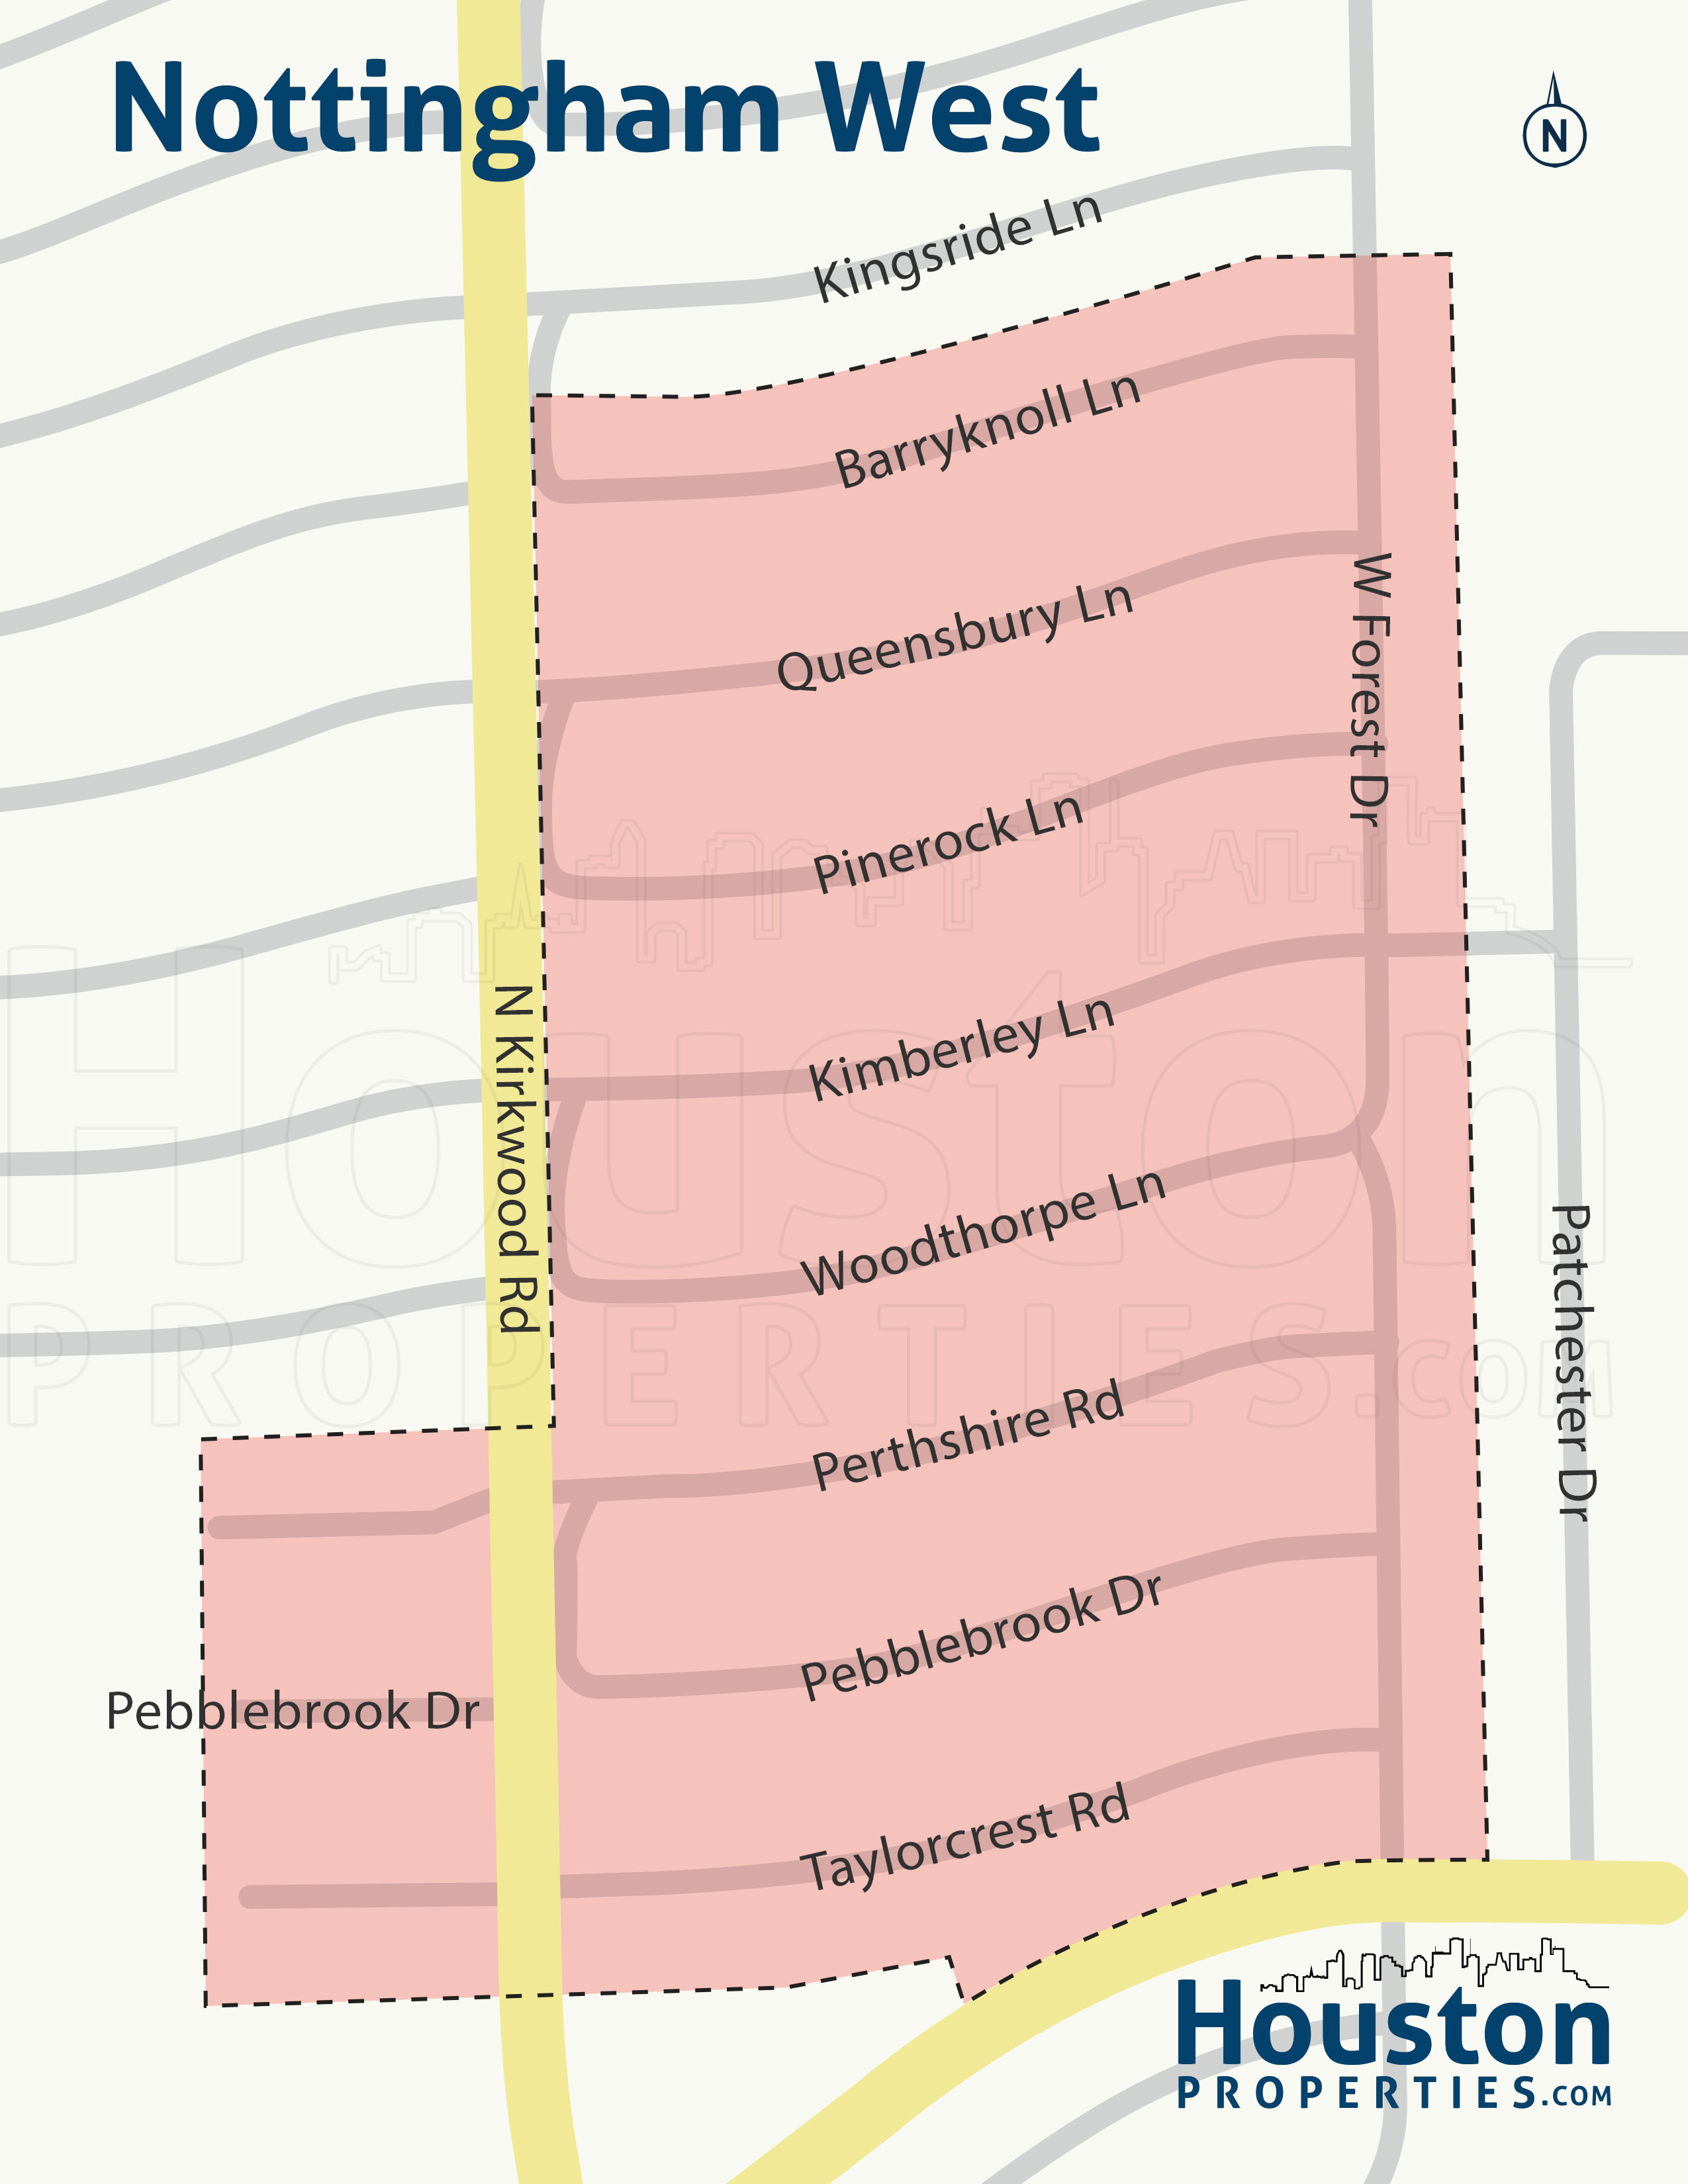 Nottingham West neighborhood map